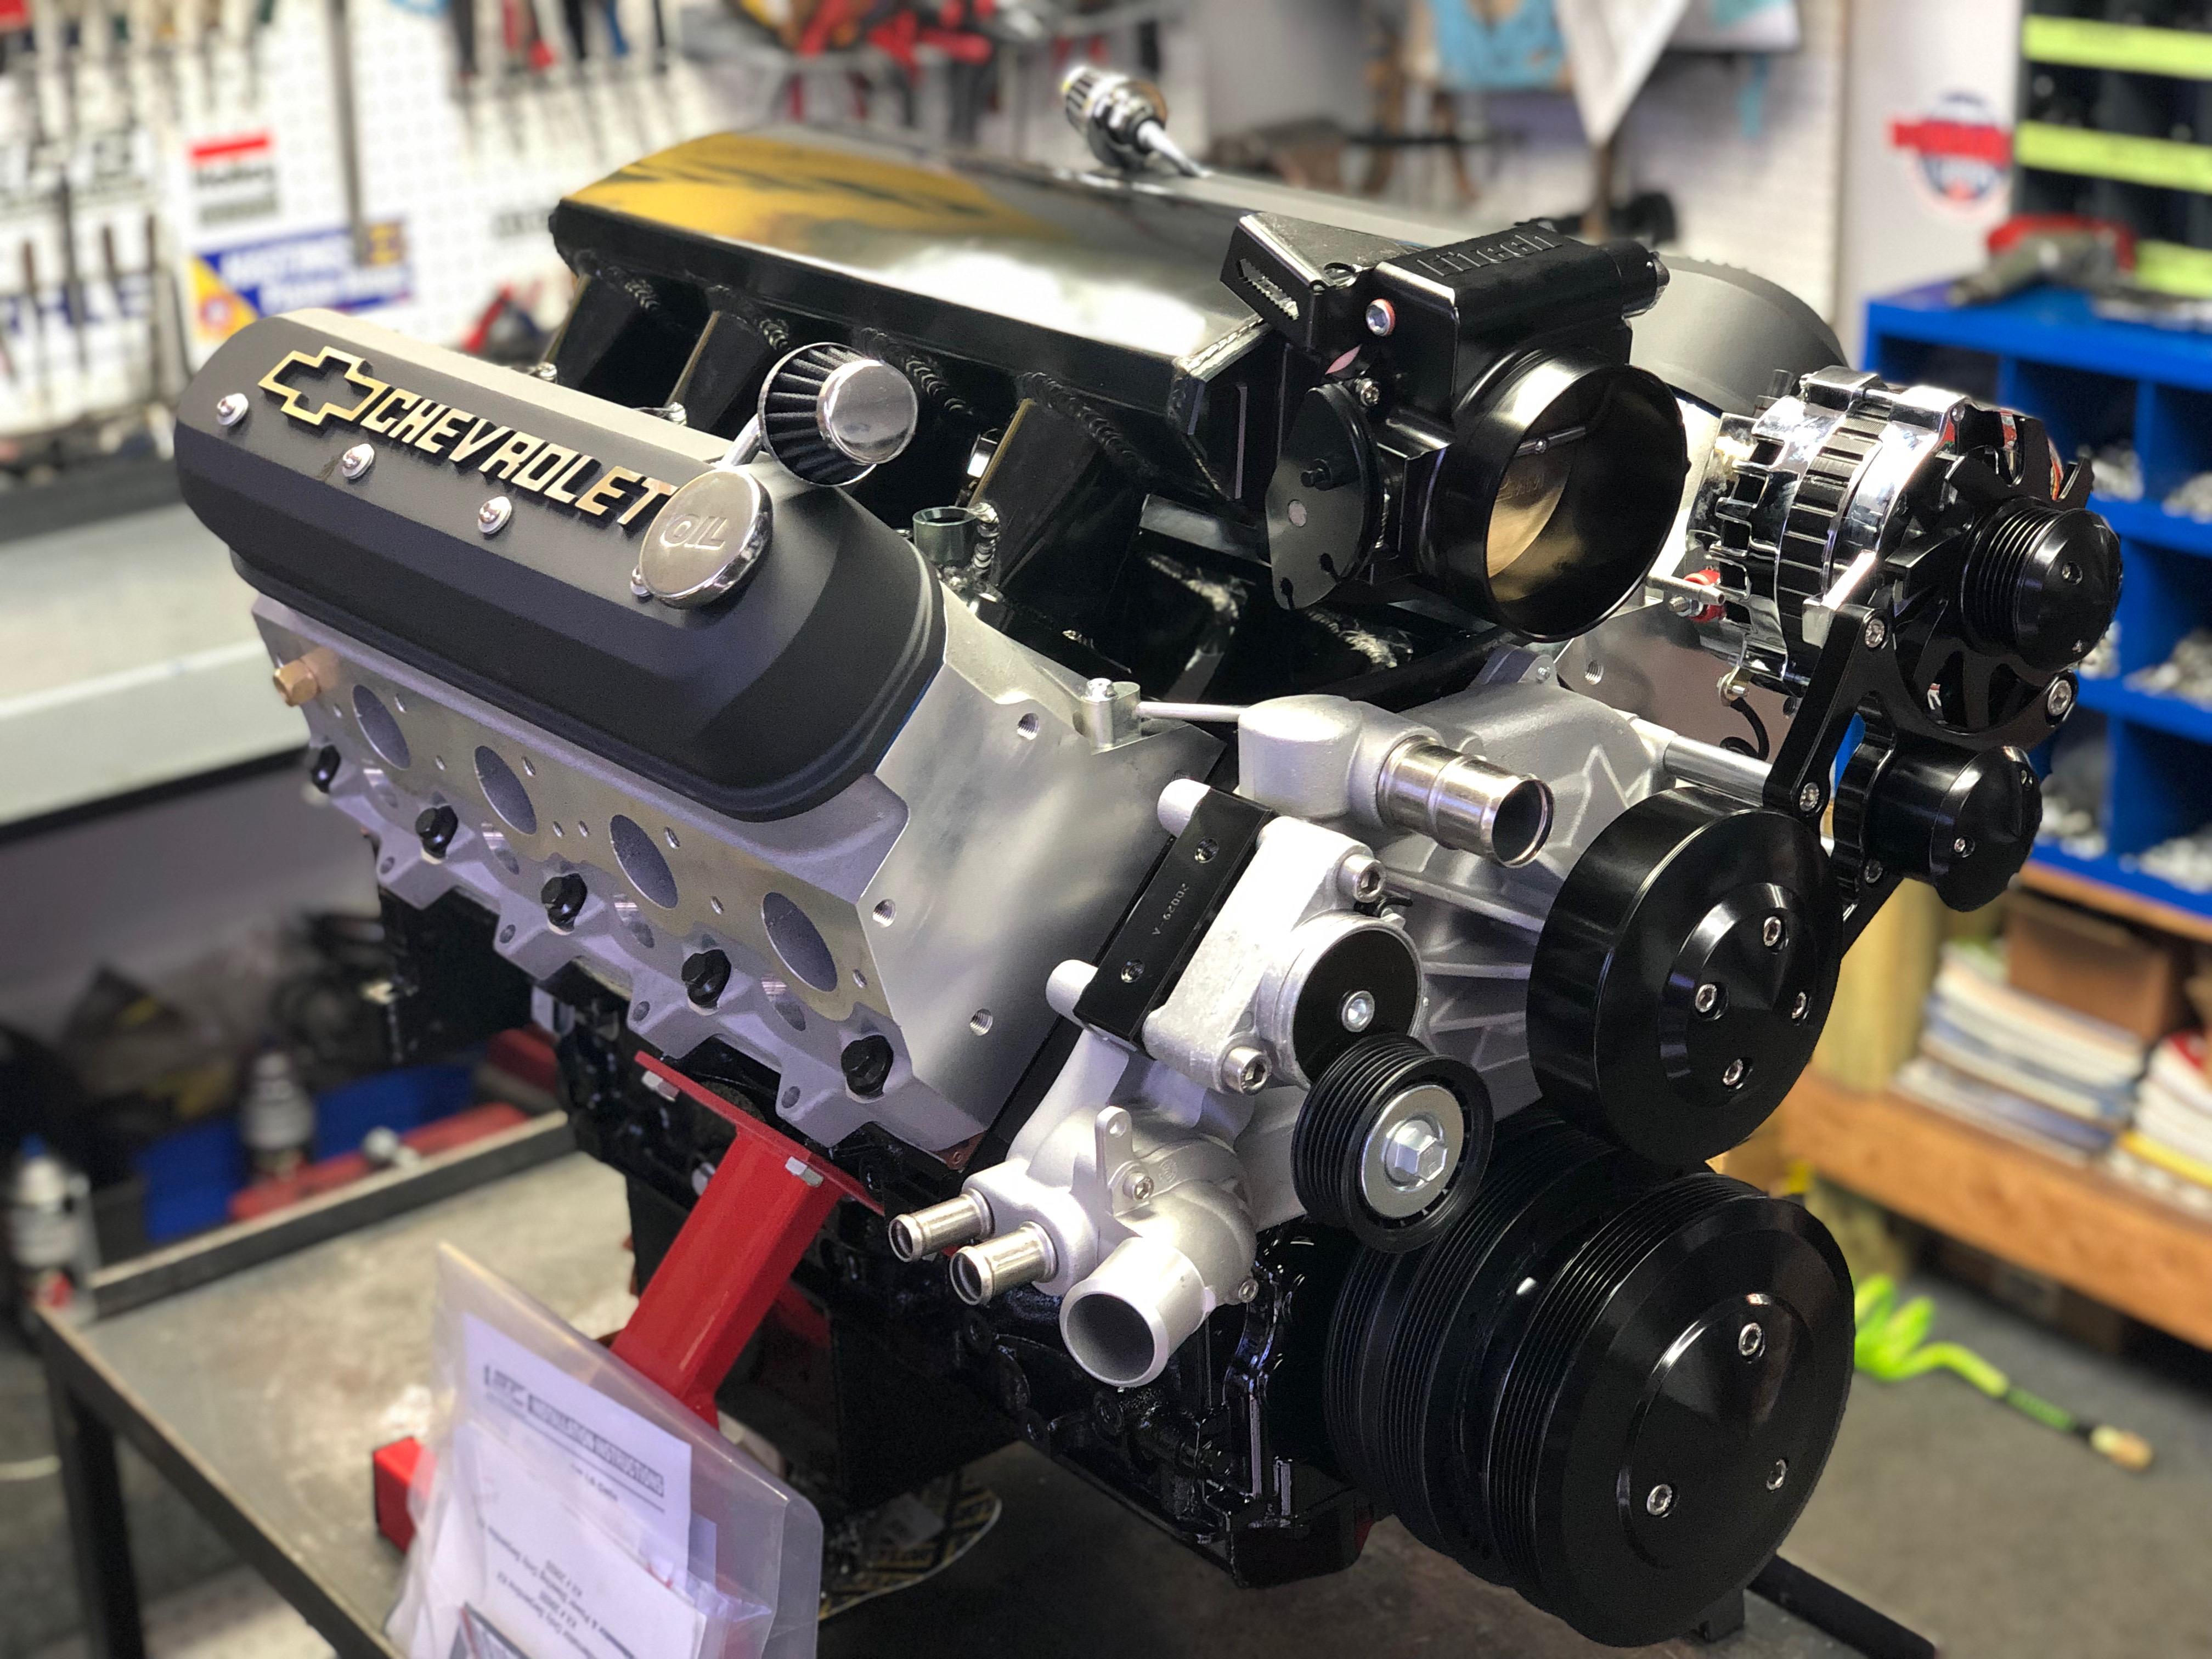 Ls7 441ci 700hp Crate Engine